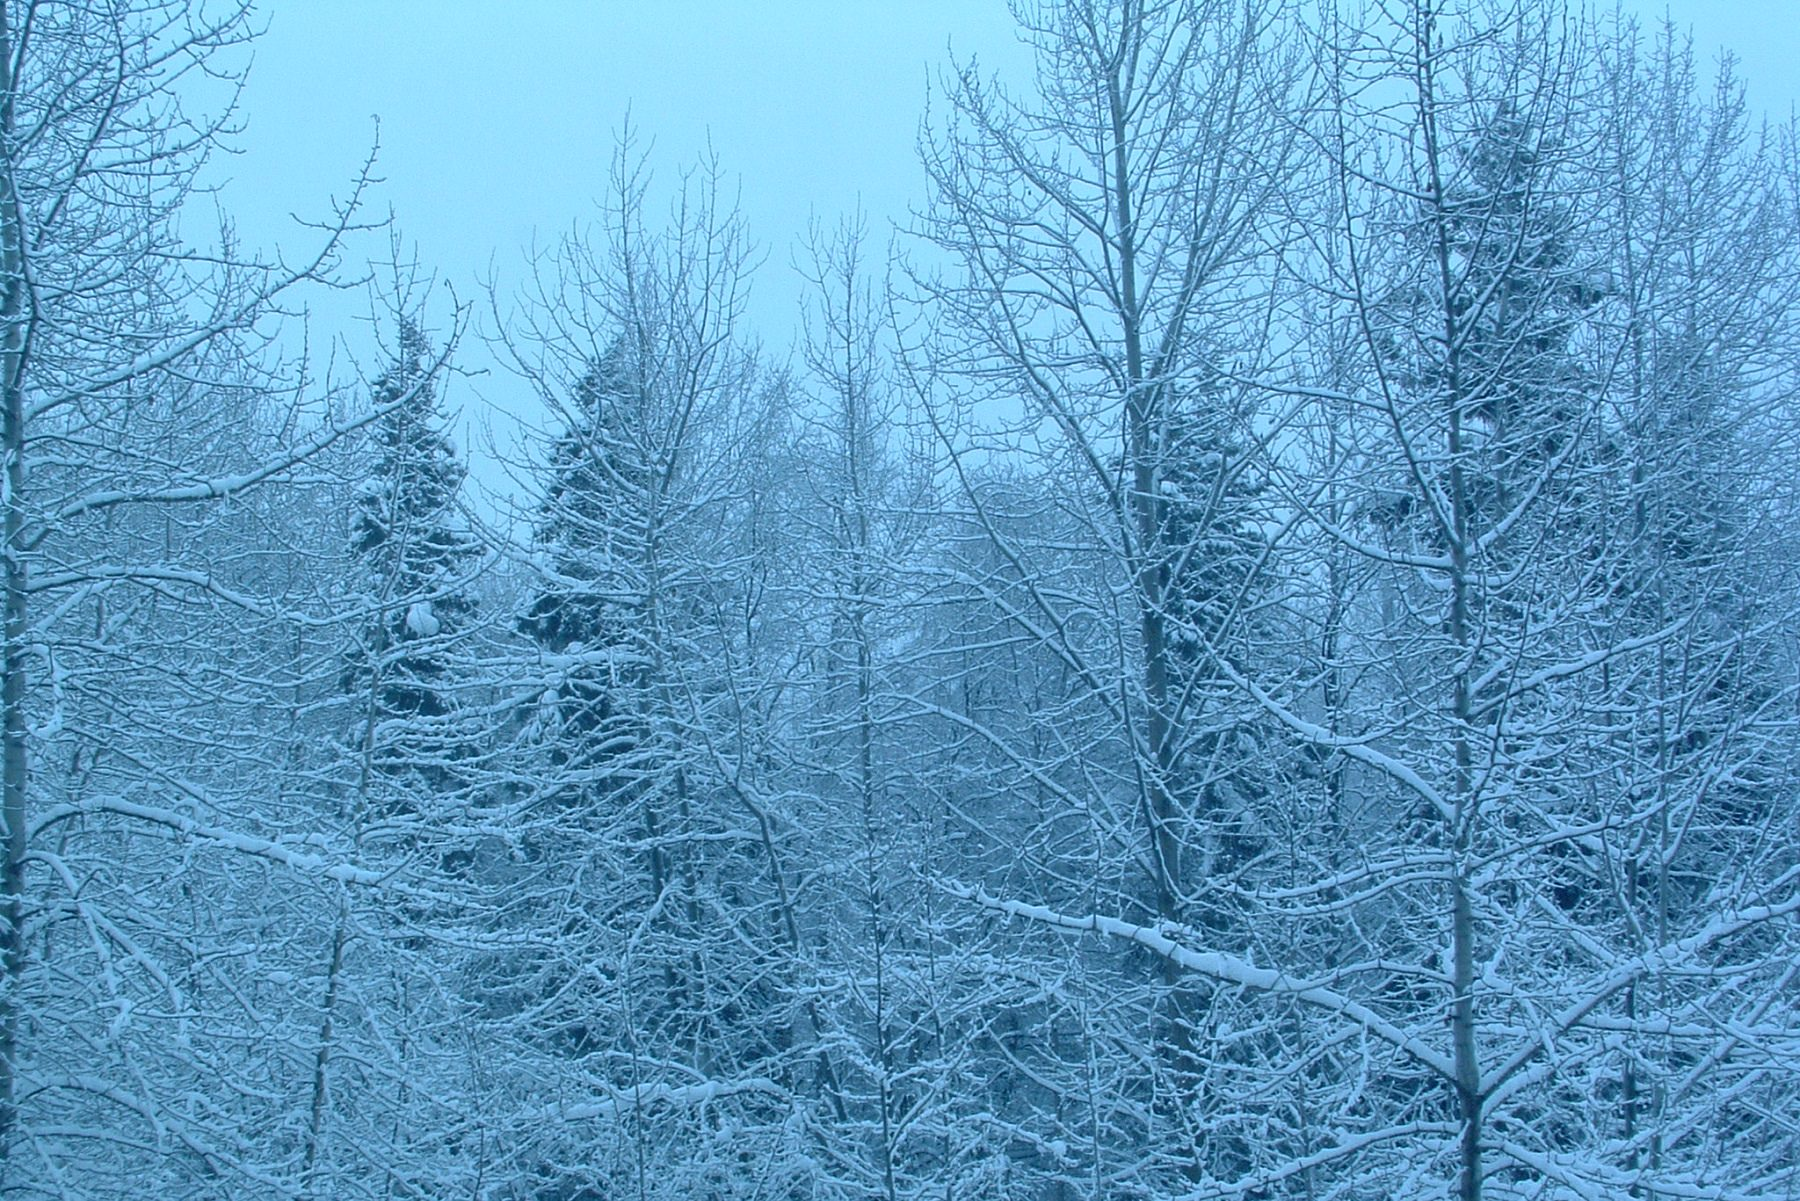 Alaska forest, winter